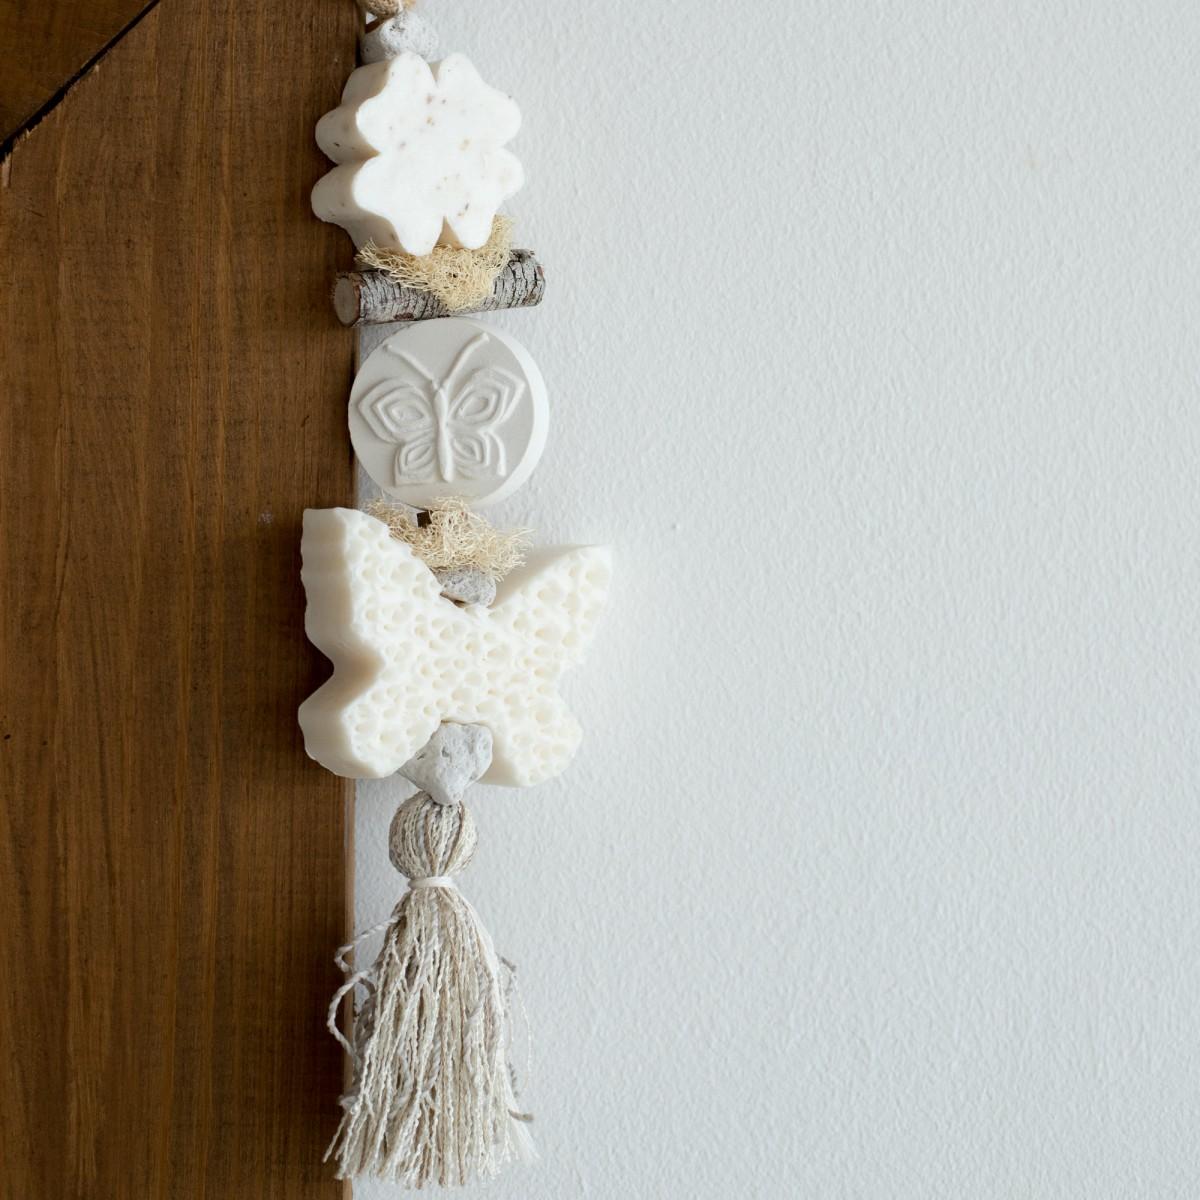 Декоративная косичка из мыла с хлопком Бабочки